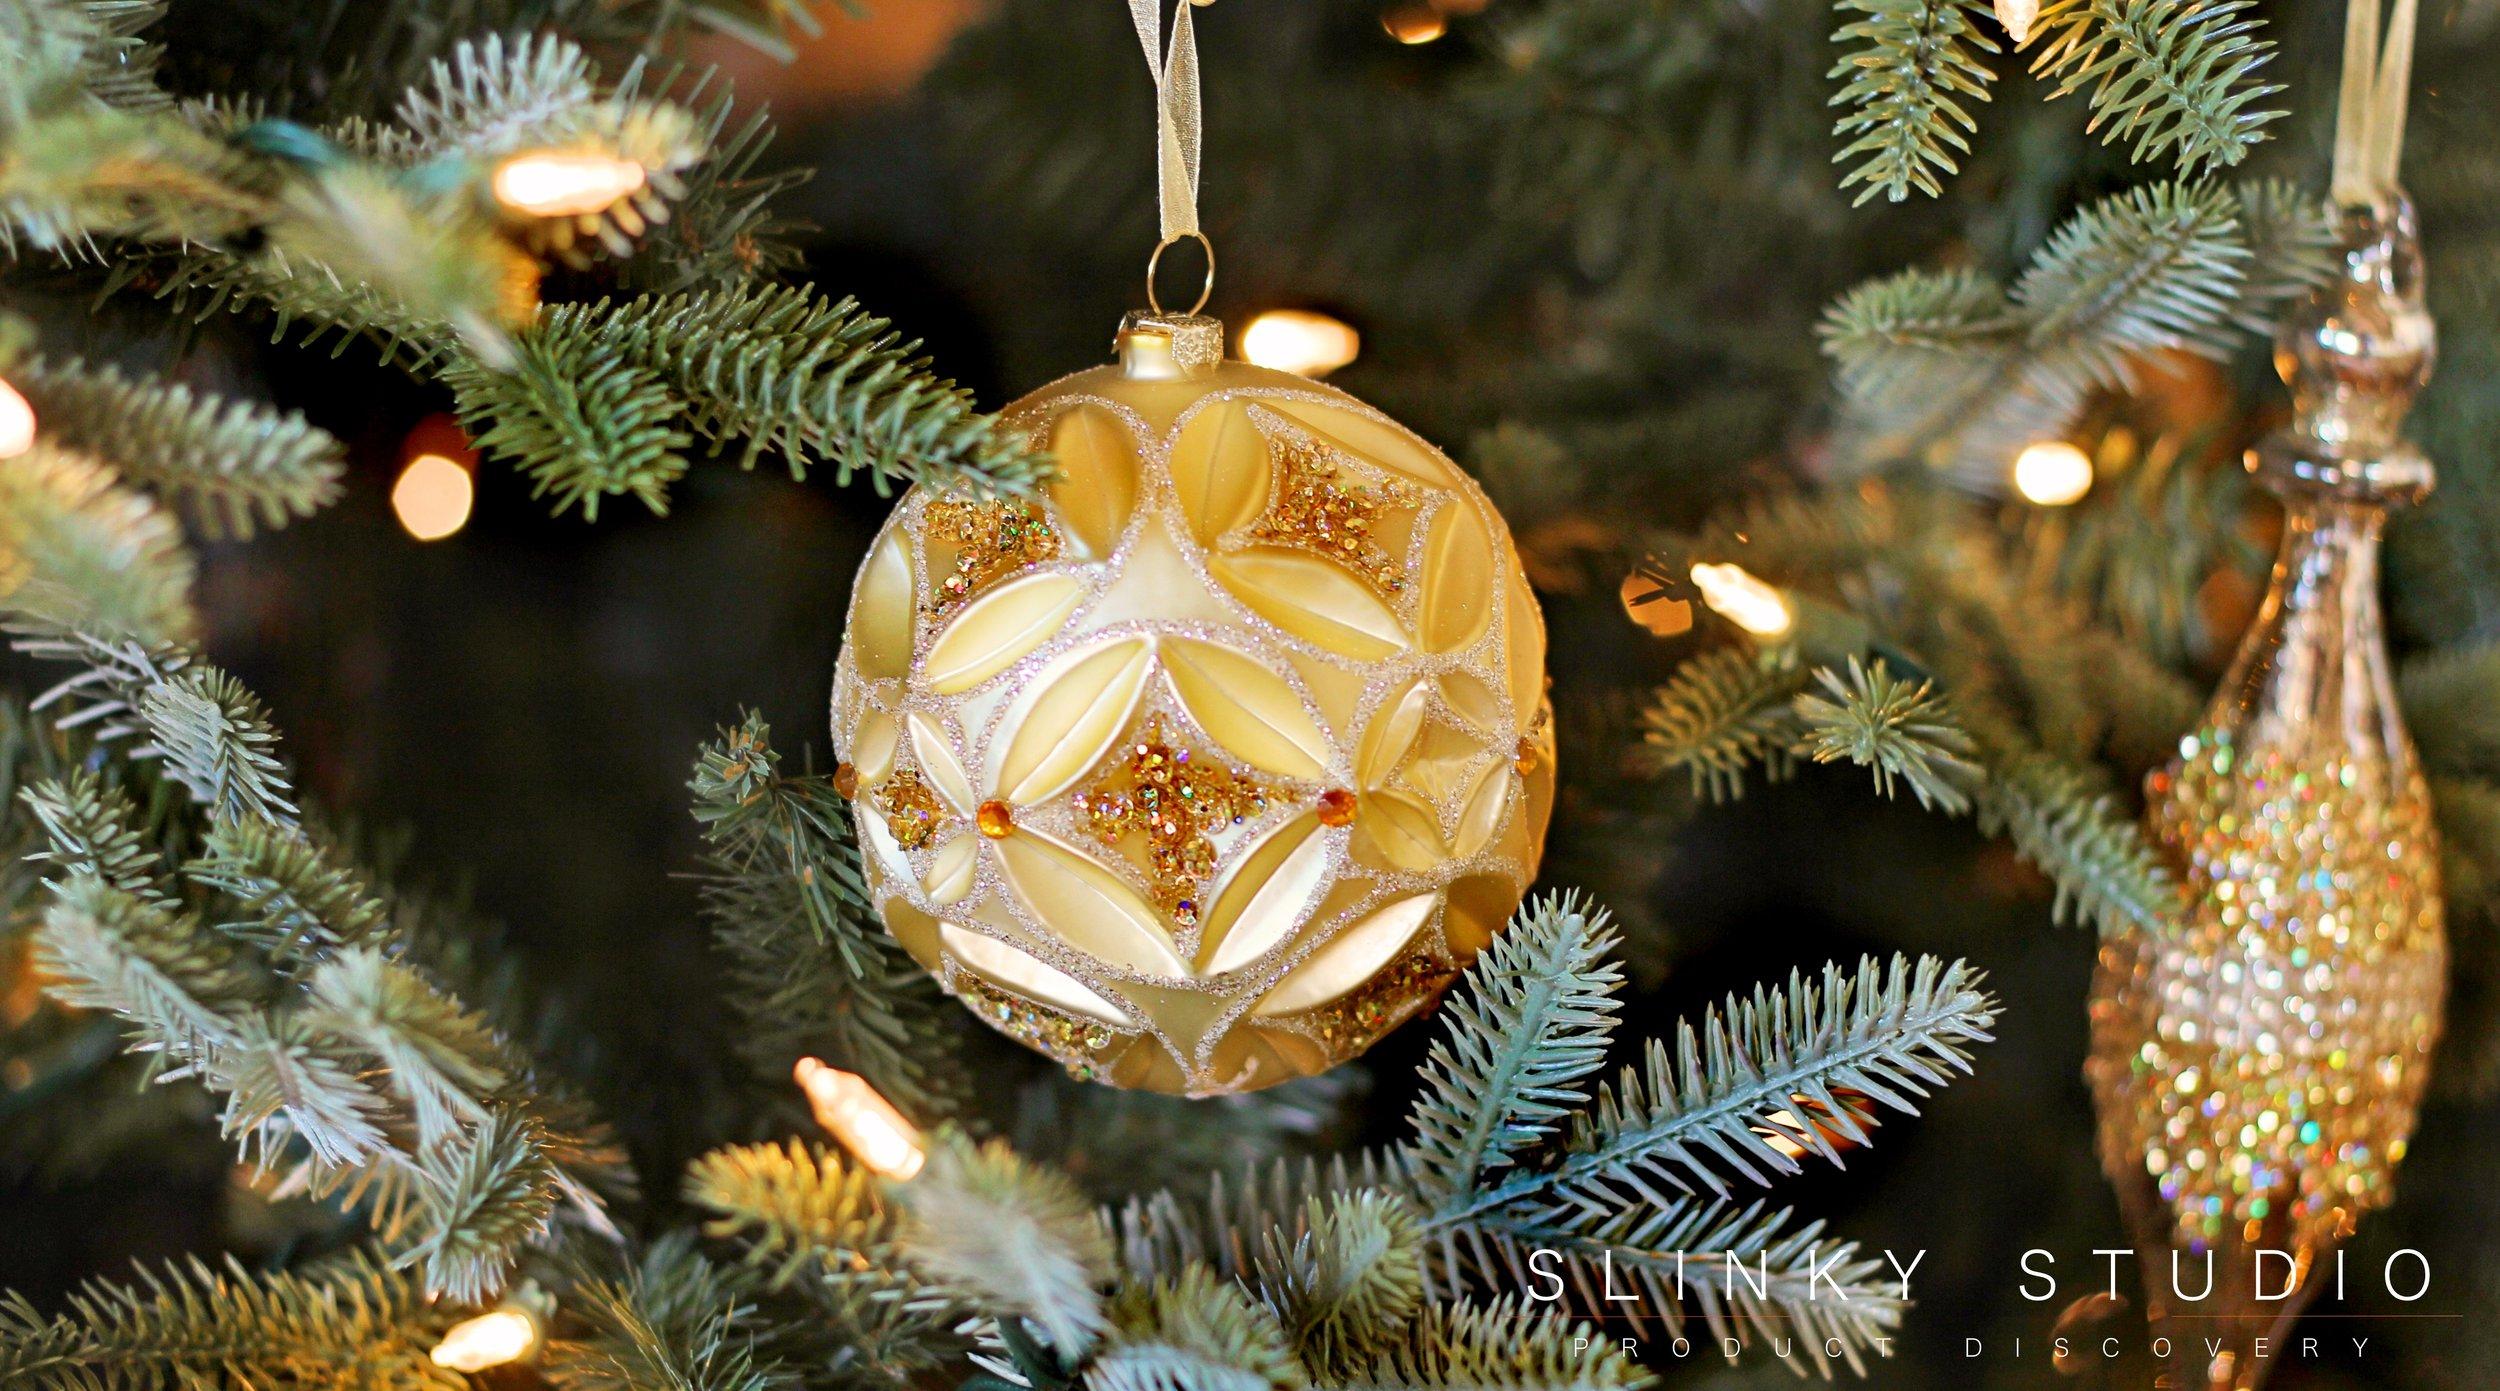 Balsam Hill Fraser Fir Christmas Tree Gold Glass Ornament Decoration.jpg